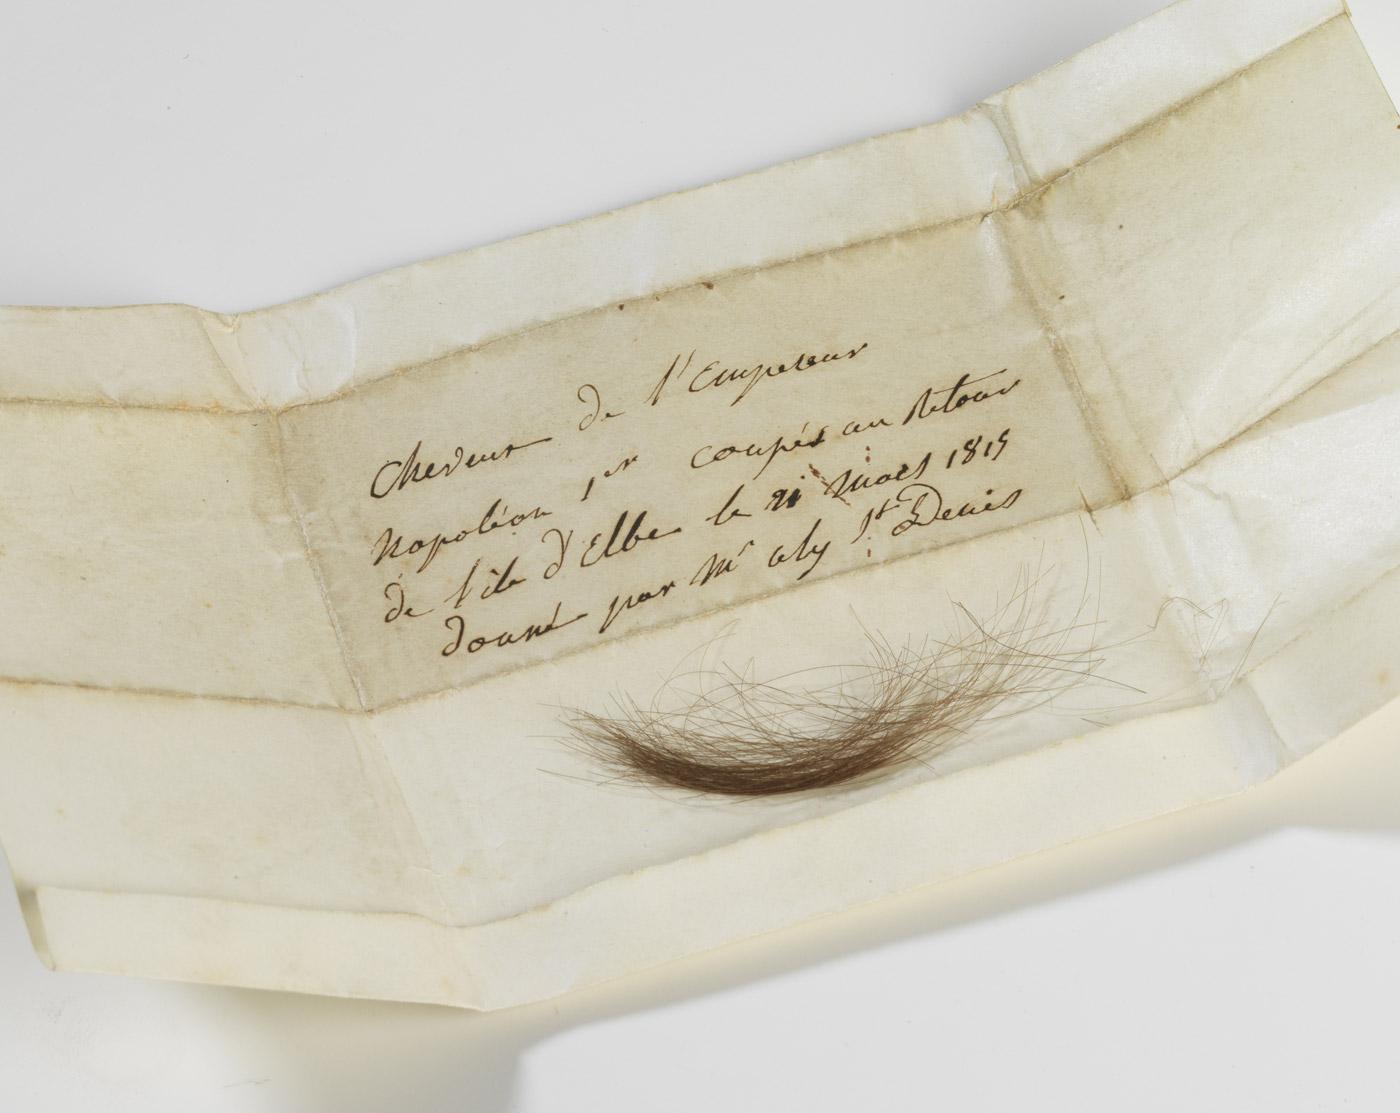 Cheveux de Napoléon - Patrimoine Charles-André COLONNA WALEWSKI, en ligne directe de Napoléon